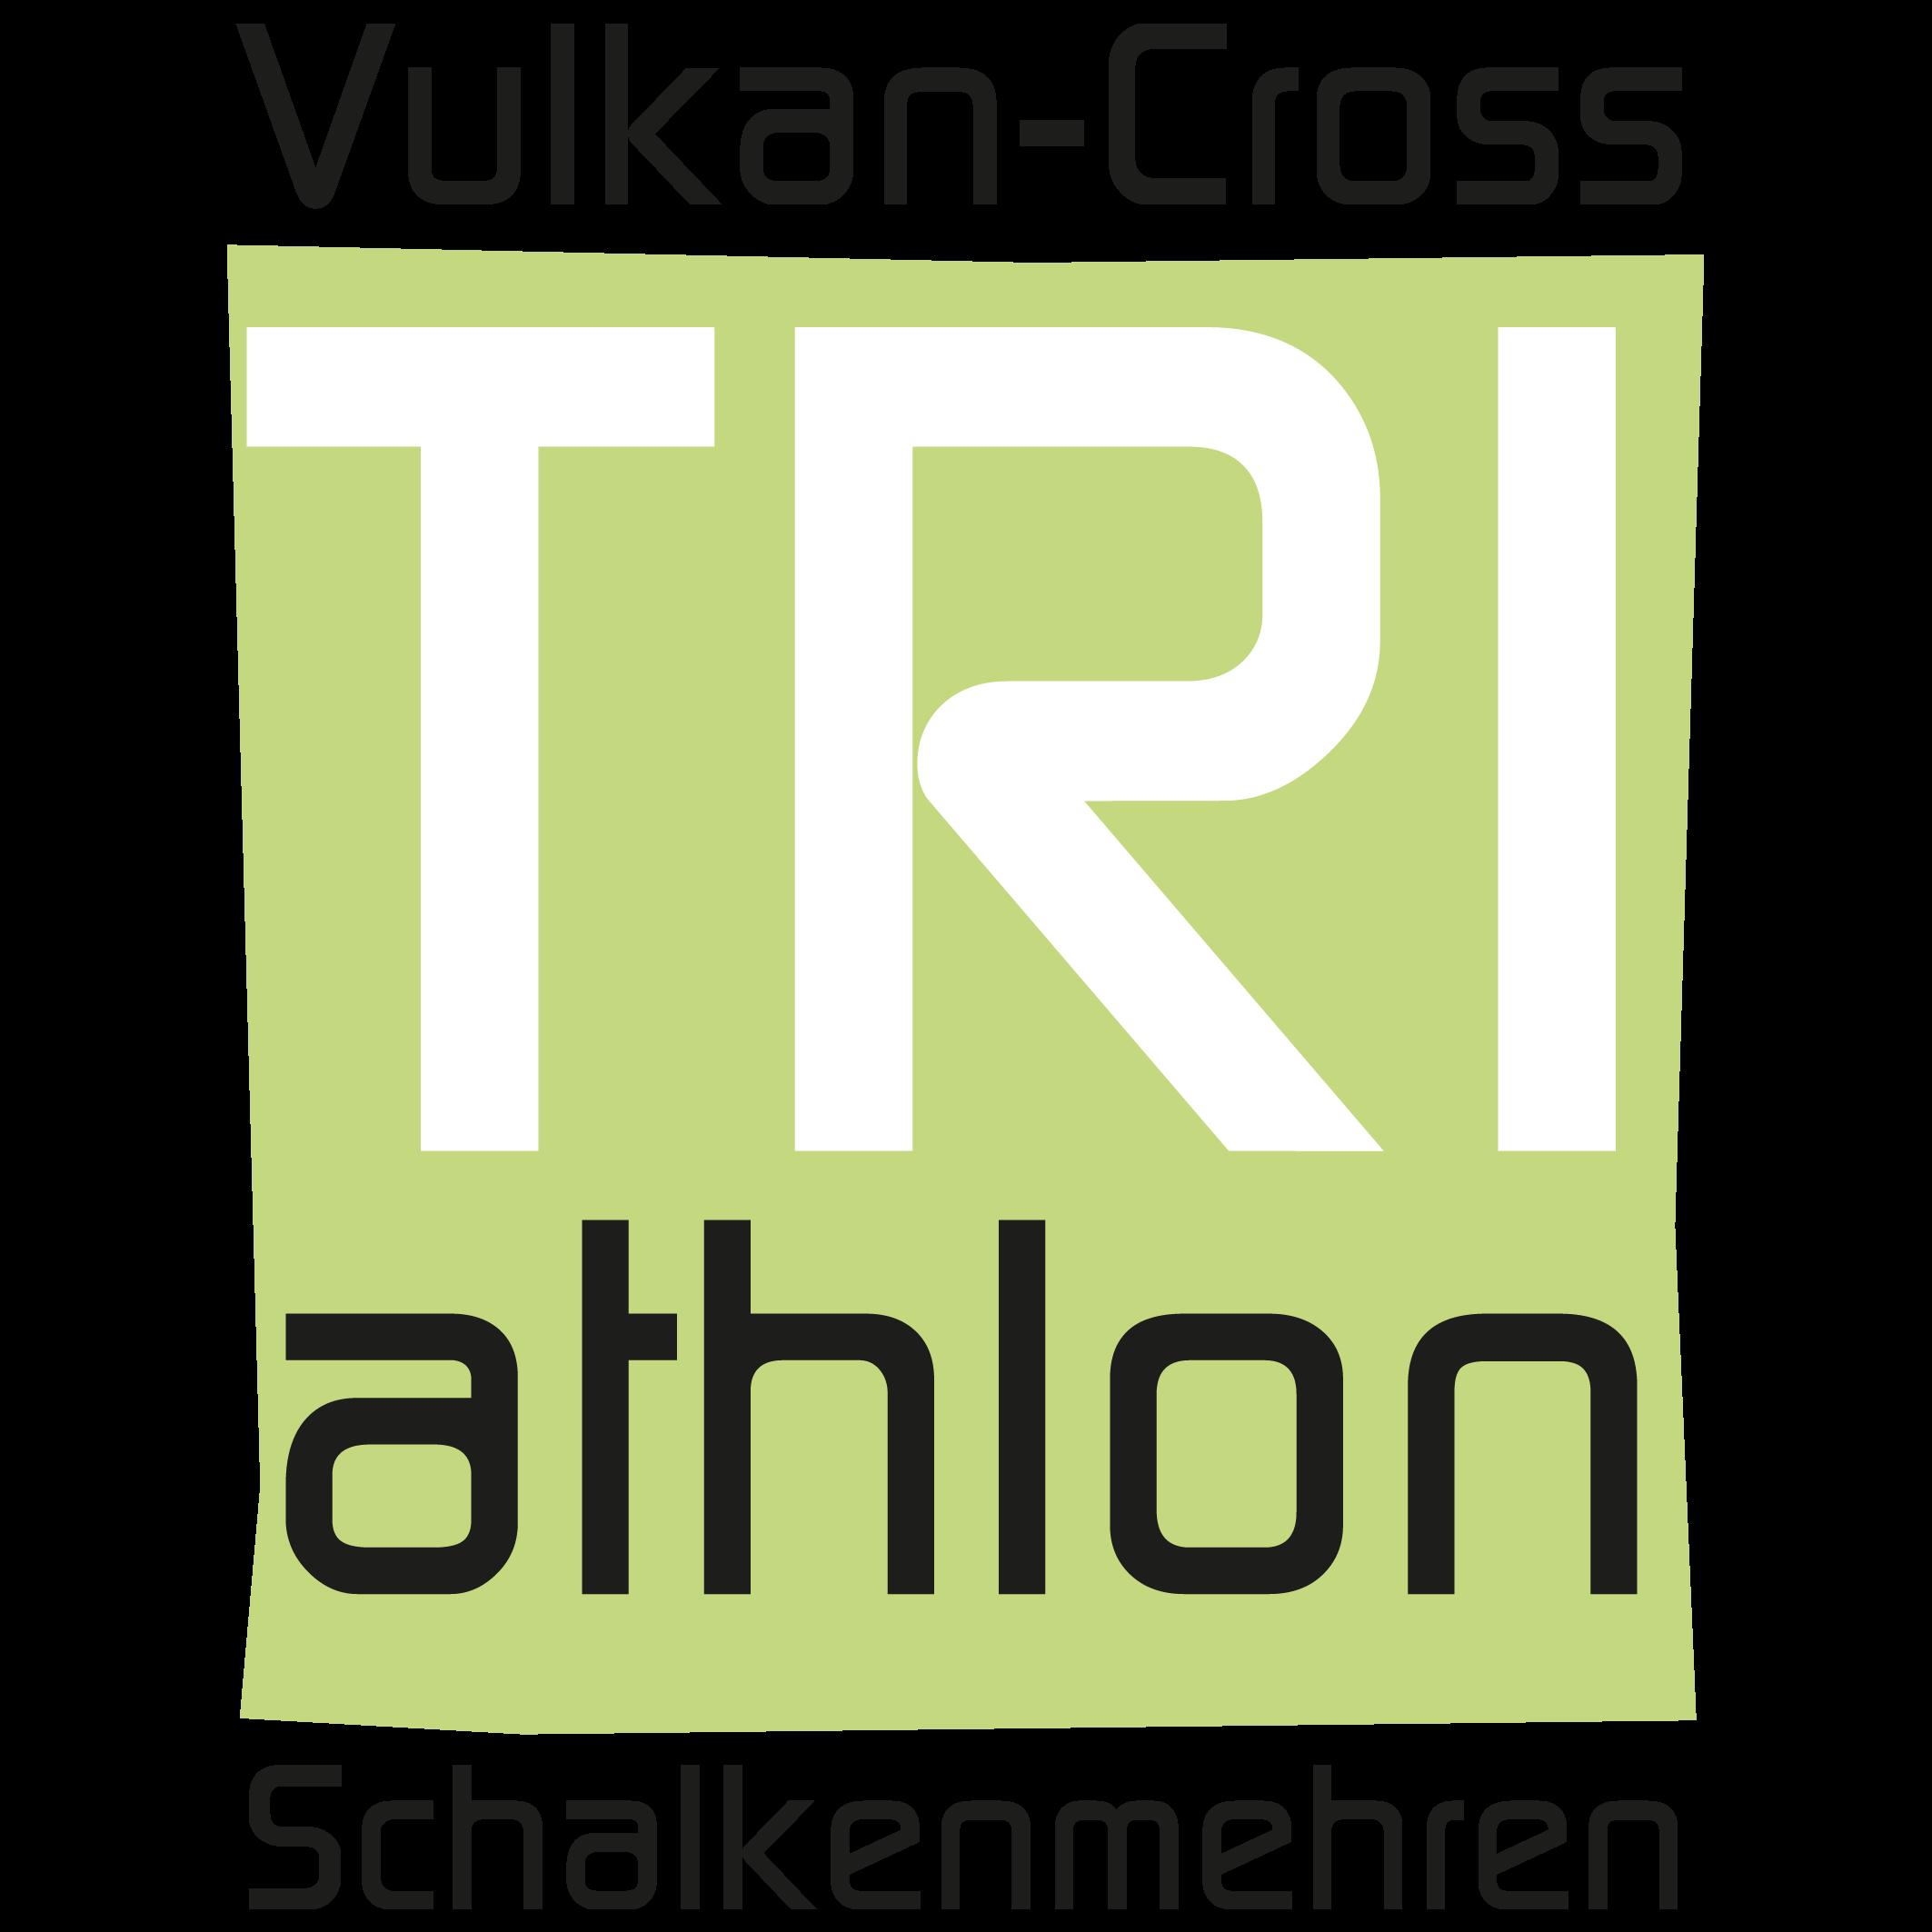 VULKAN-Cross-Triathlon Schalkenmehren